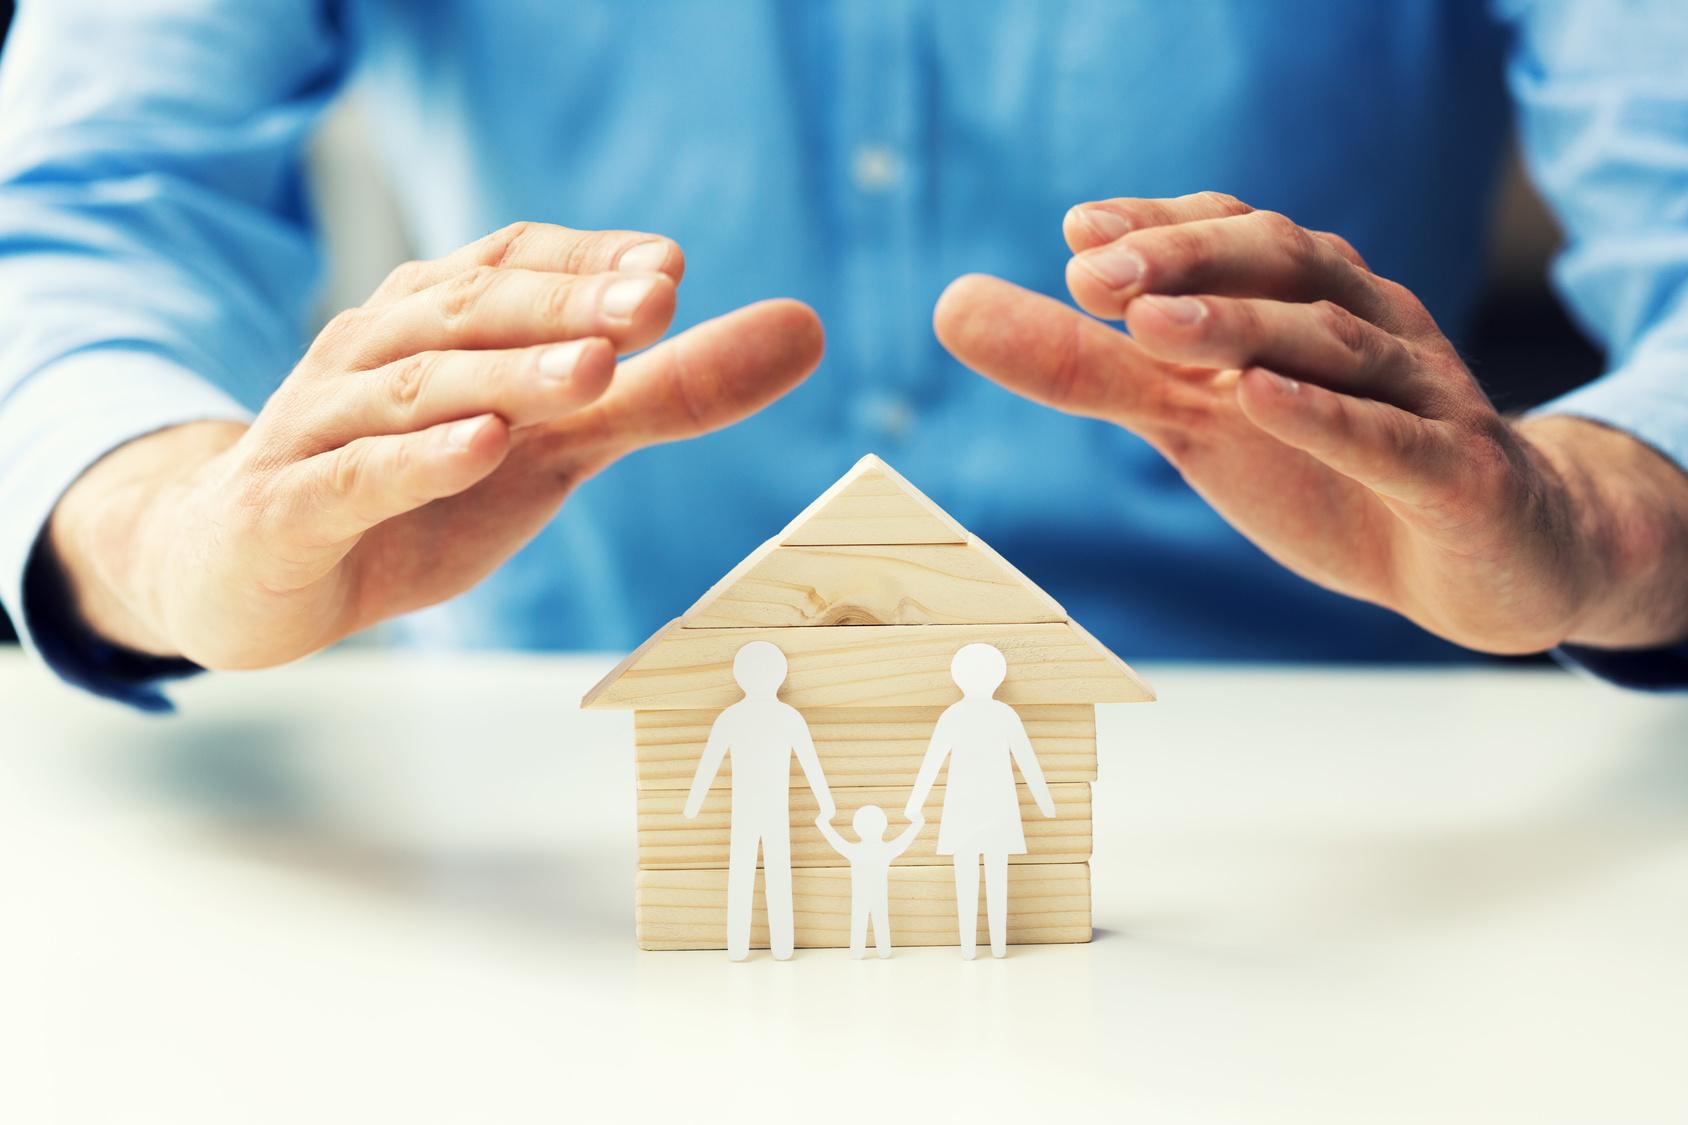 Martwisz się o dom? Zobacz rozwiązanie, które Ci pomoże